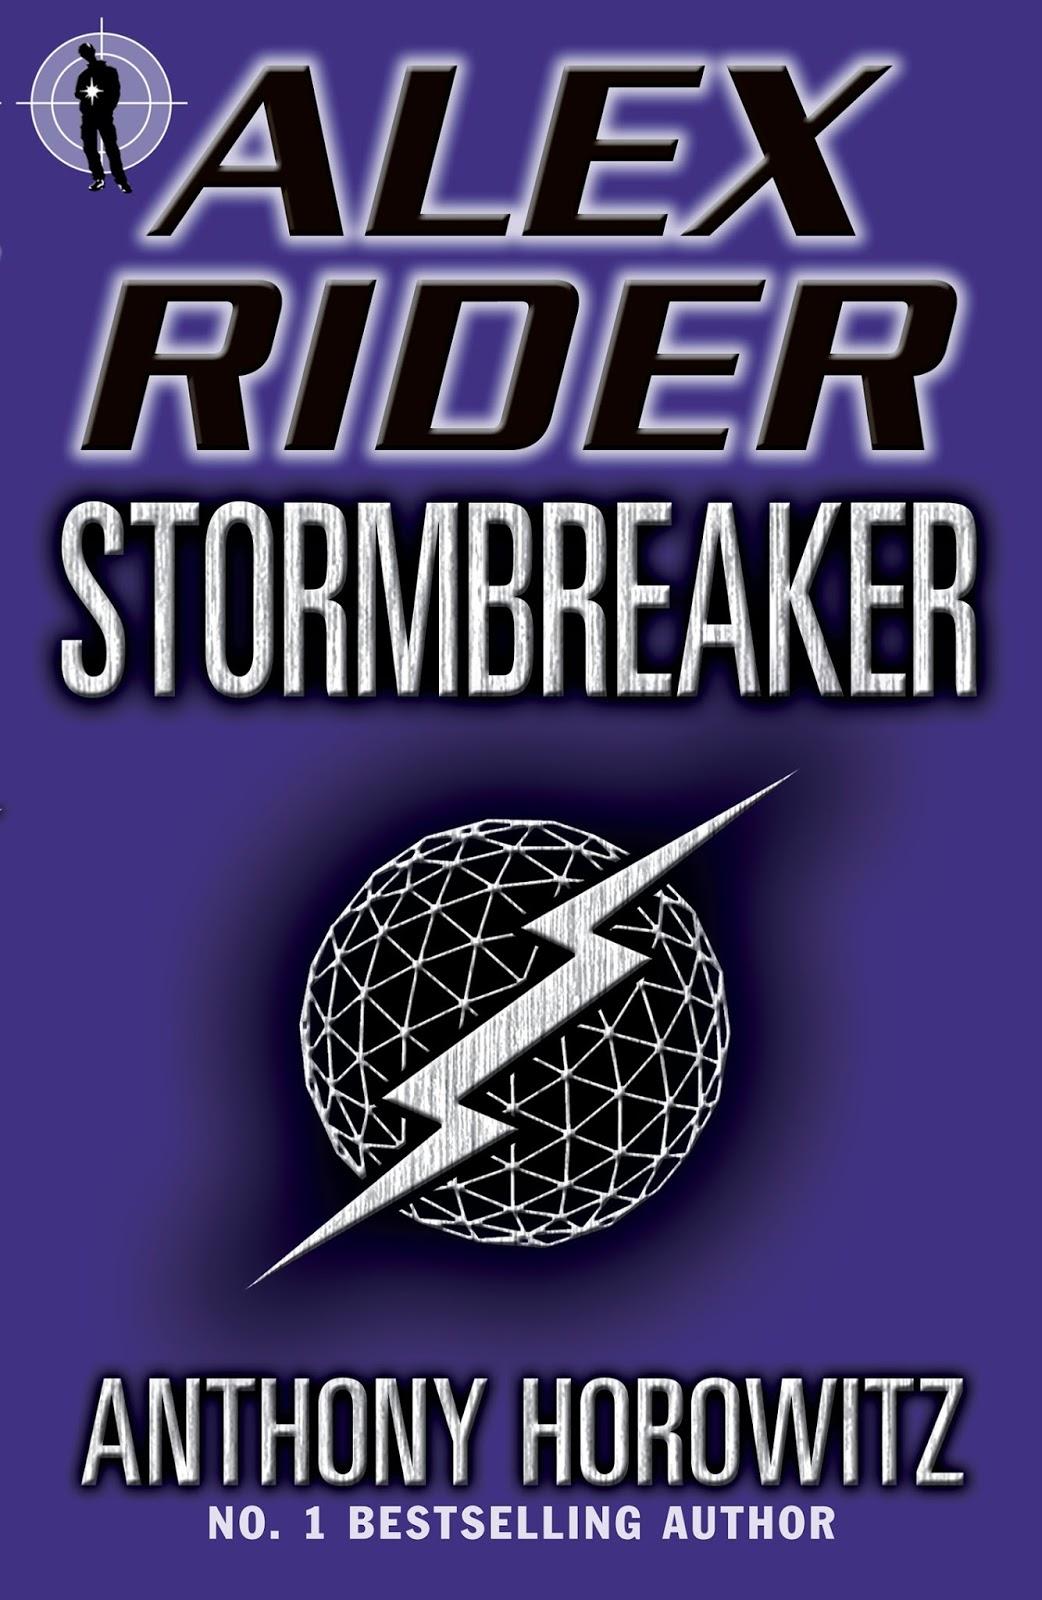 Stormbreaker Antohony Horowitz cover Alex Rider